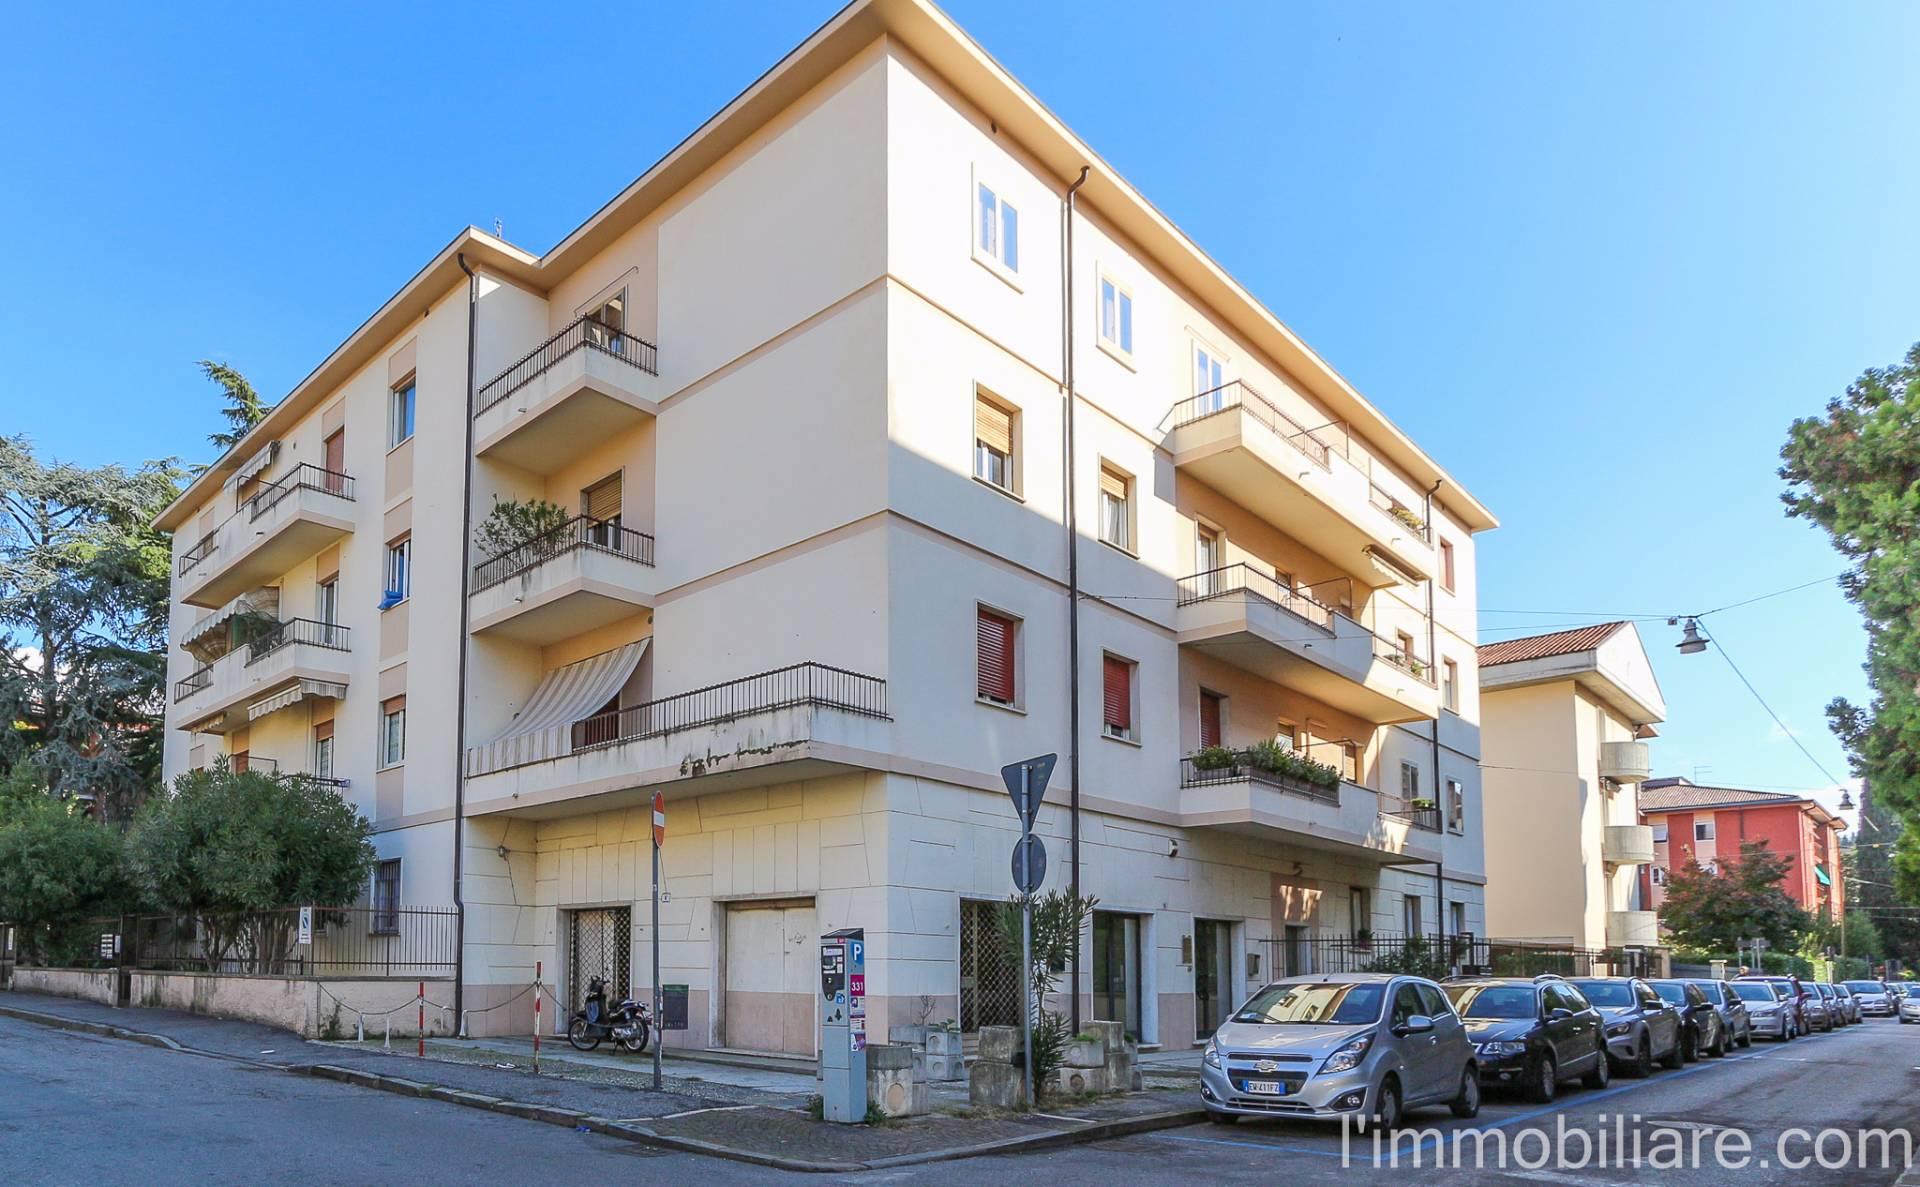 Negozio / Locale in affitto a Verona, 9999 locali, zona Zona: 5 . Quinzano - Pindemonte - Ponte Crencano - Valdonega - Avesa , prezzo € 450 | CambioCasa.it